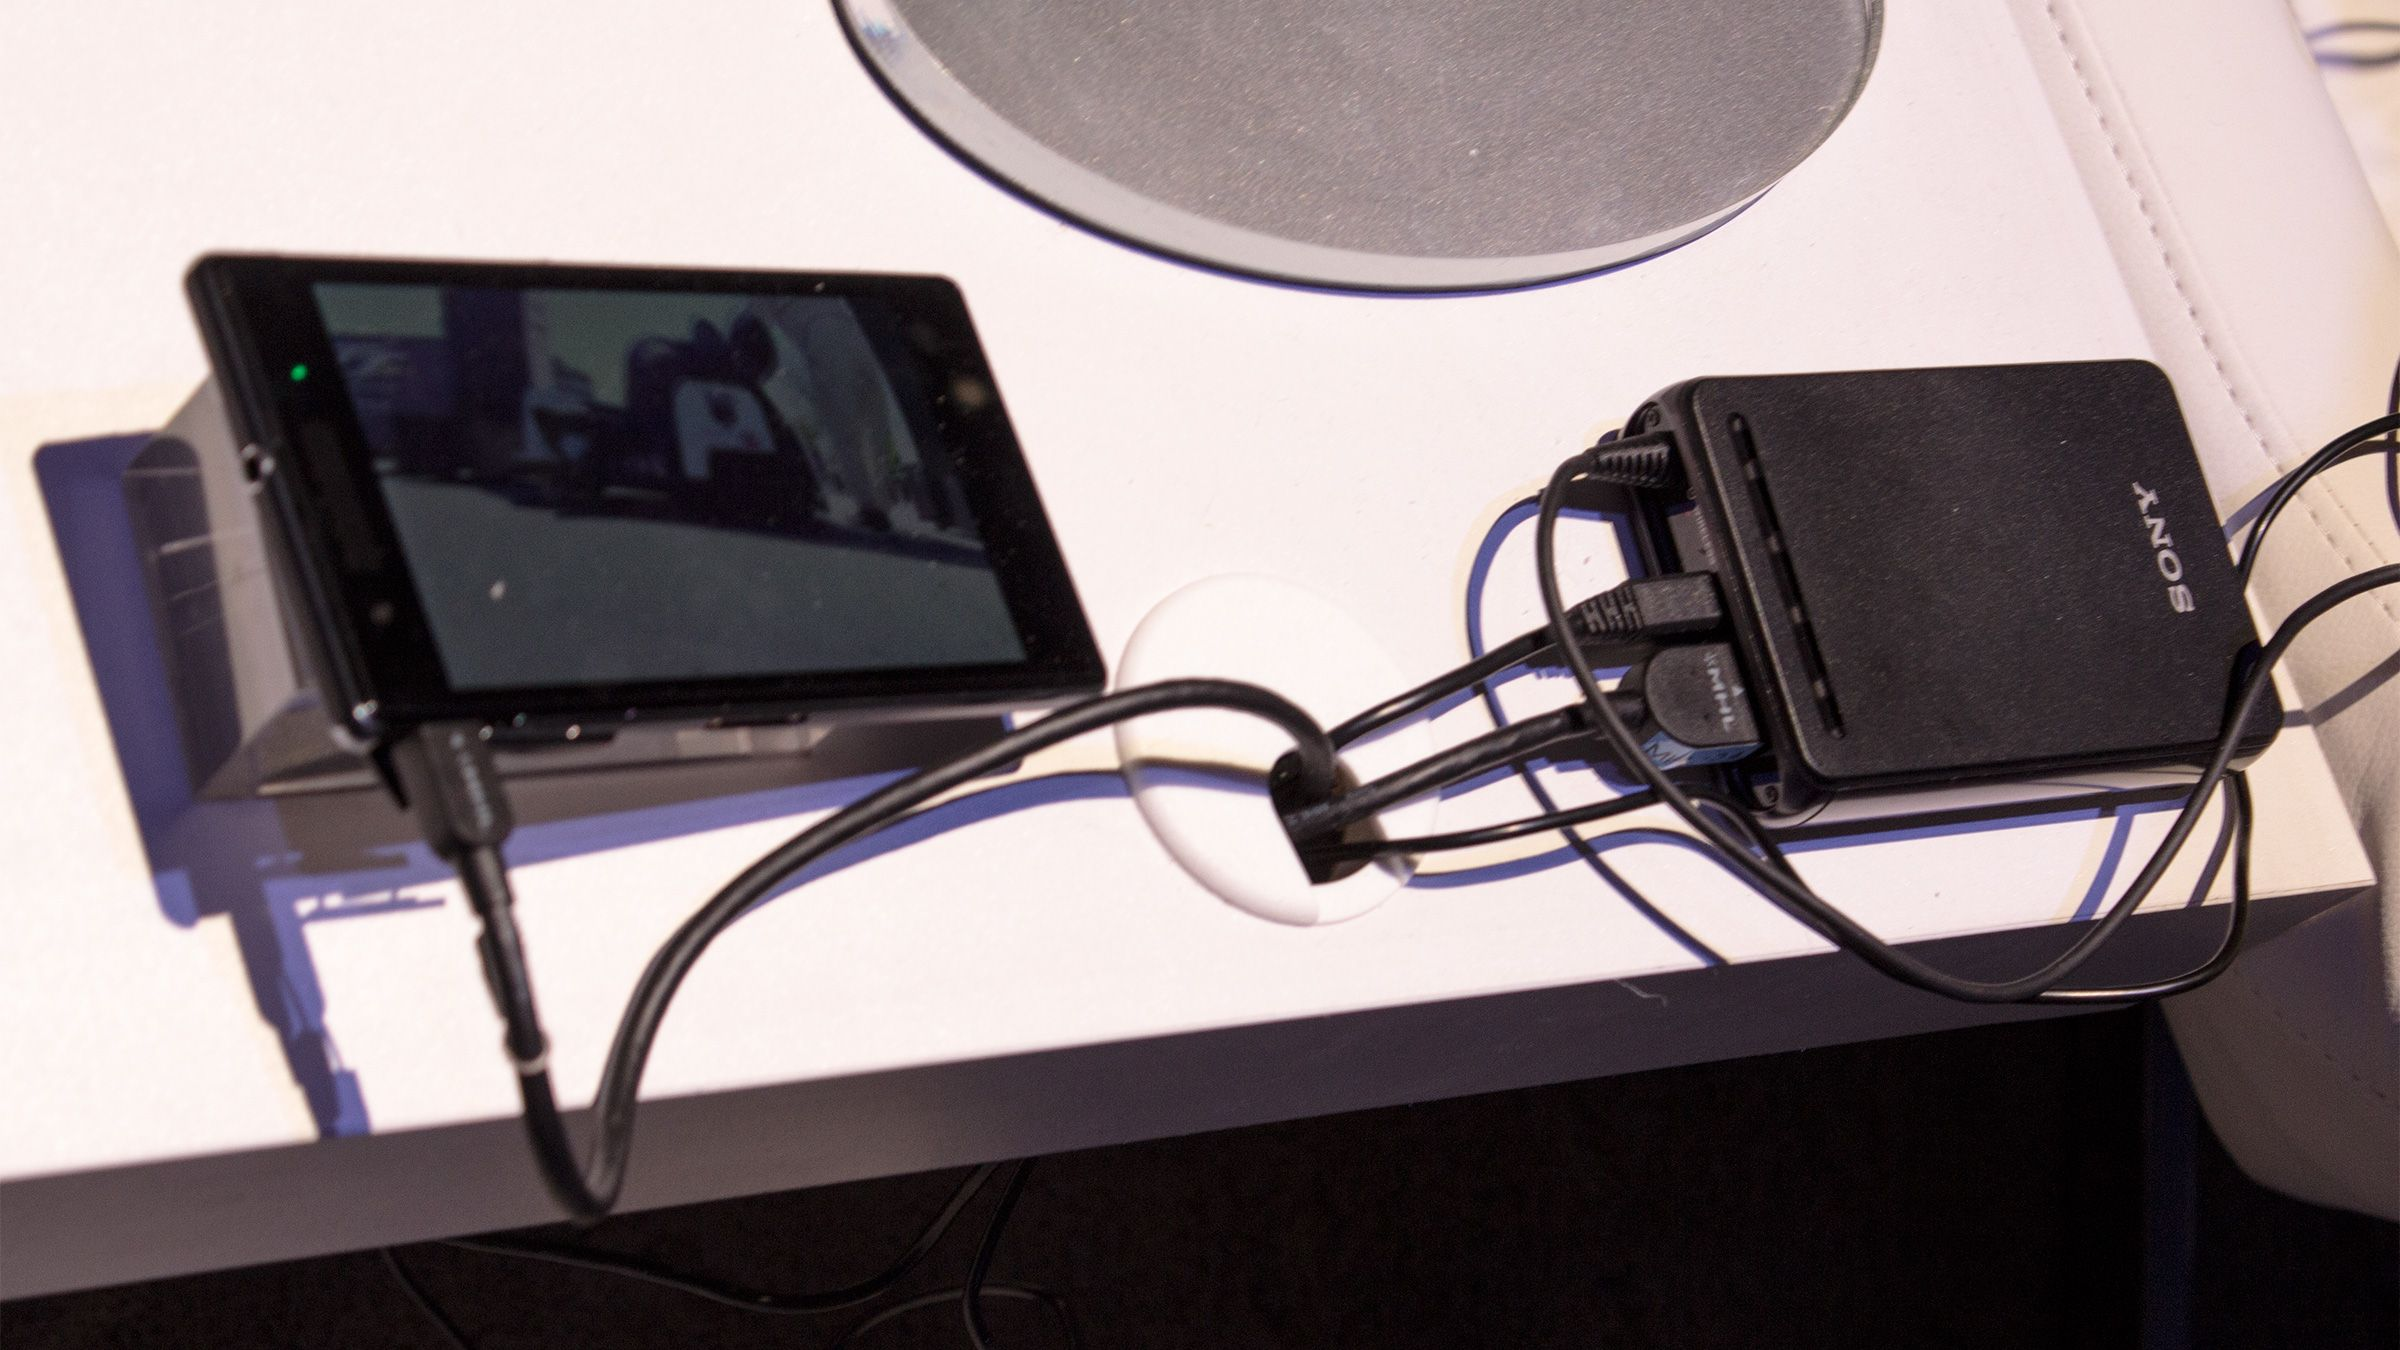 Kontrollboksen til Sonys briller er ikke rent ulik den vi kjenner fra Oculus Rift, men disse brillene kan uten problem drives av en mobiltelefon.Foto: Varg Aamo, Hardware.no